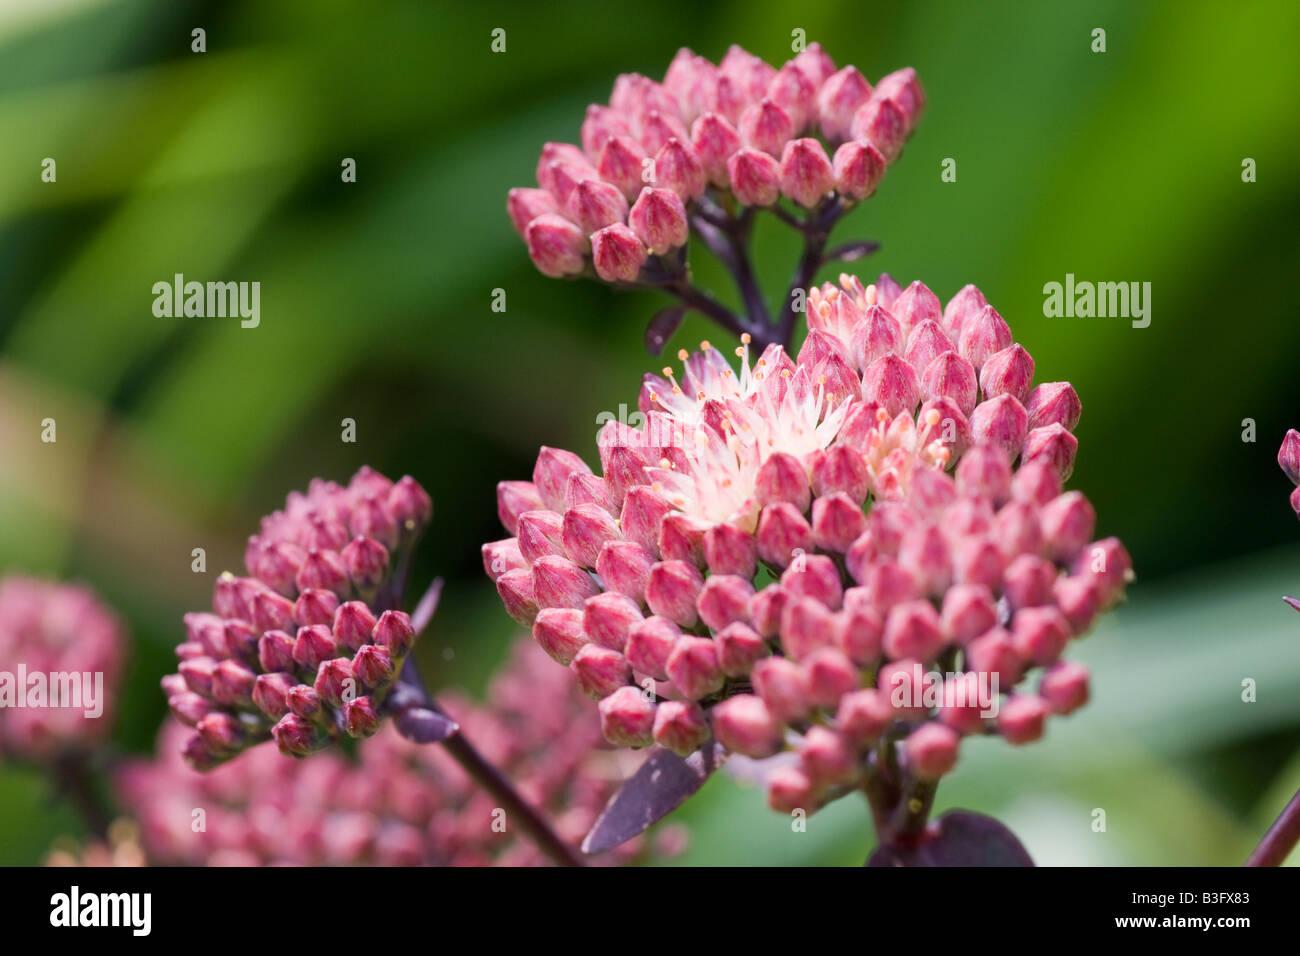 Sedum Spectabile Pink Flowers Stock Photos Sedum Spectabile Pink